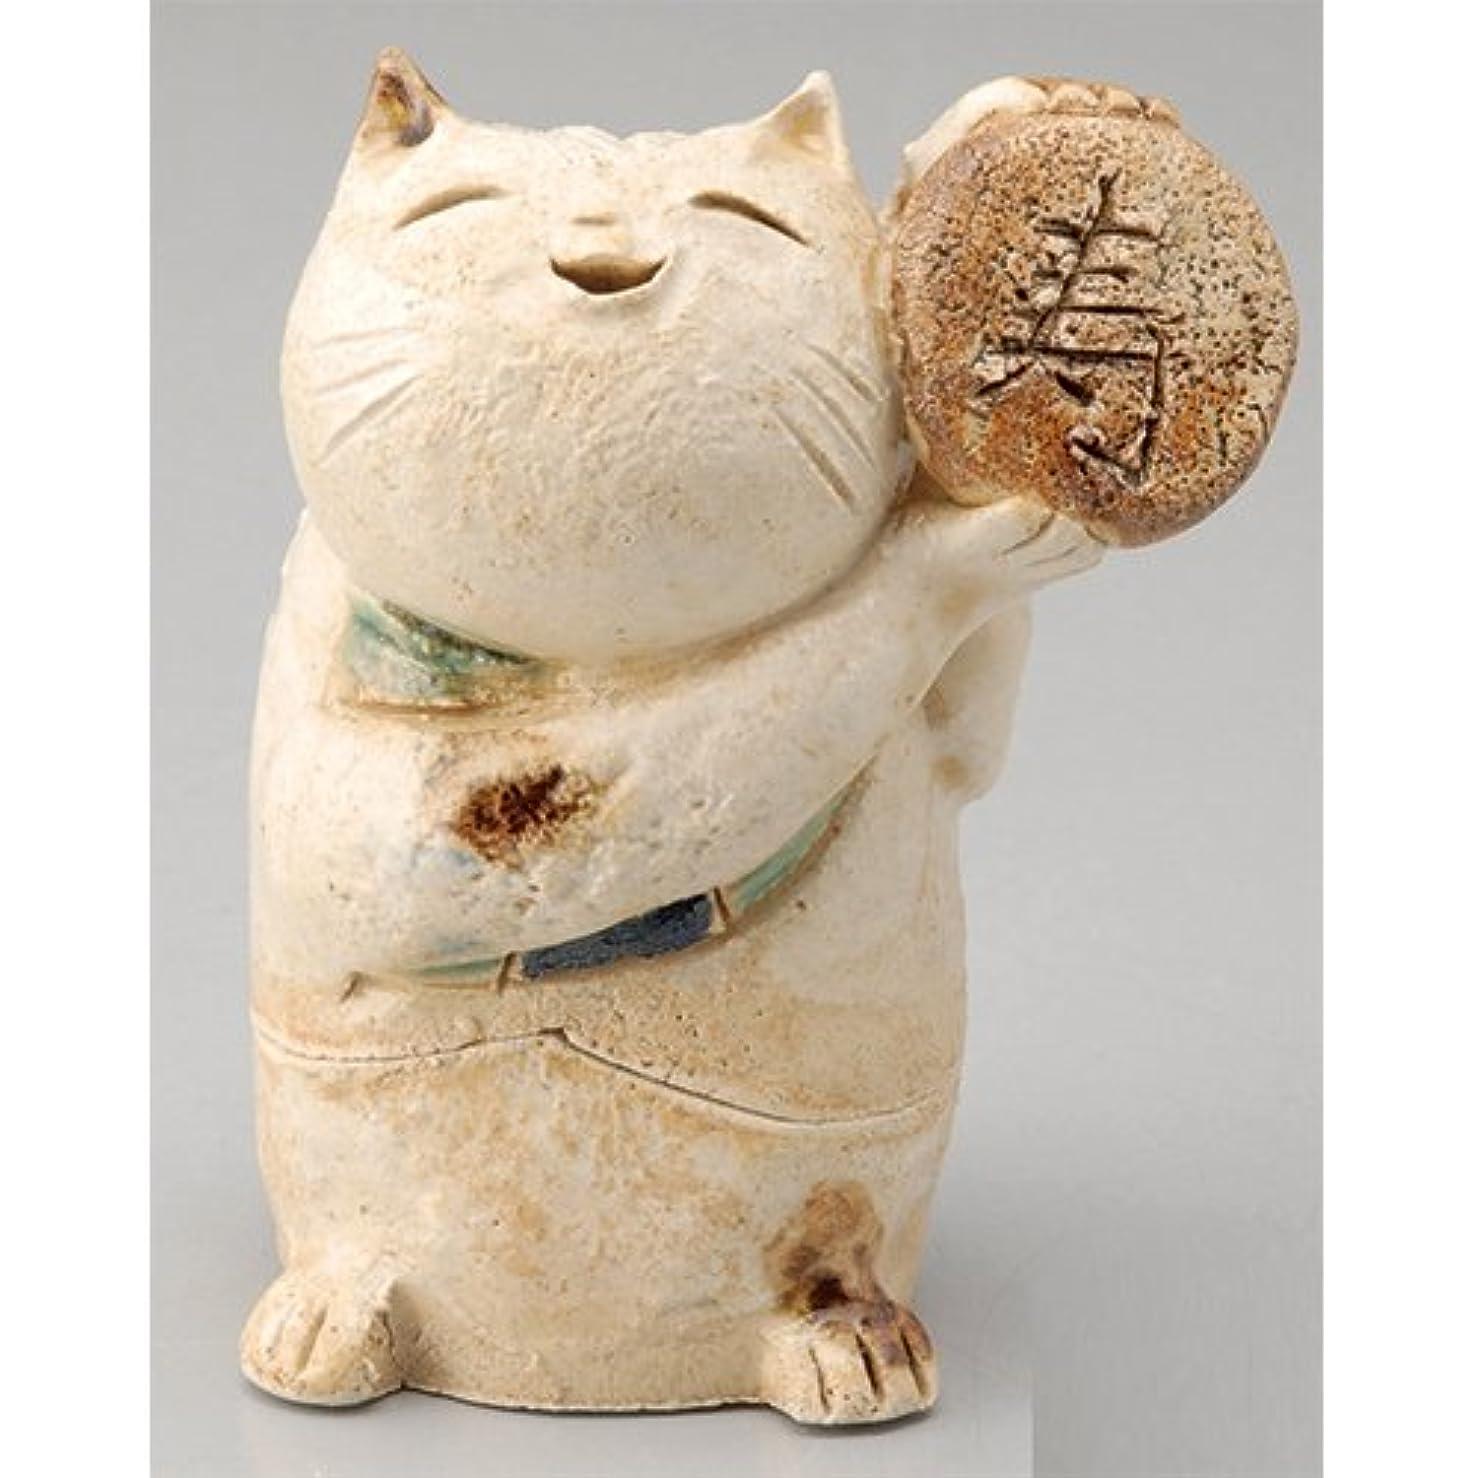 前部特異性バレエ香炉 ごえん猫 香炉(寿) [H8cm] HANDMADE プレゼント ギフト 和食器 かわいい インテリア